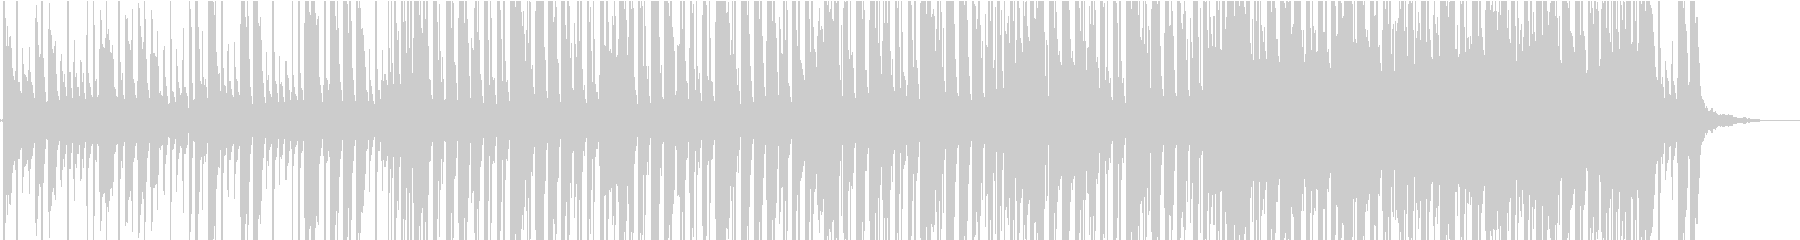 ハッピー、ポップロックの未再生の波形